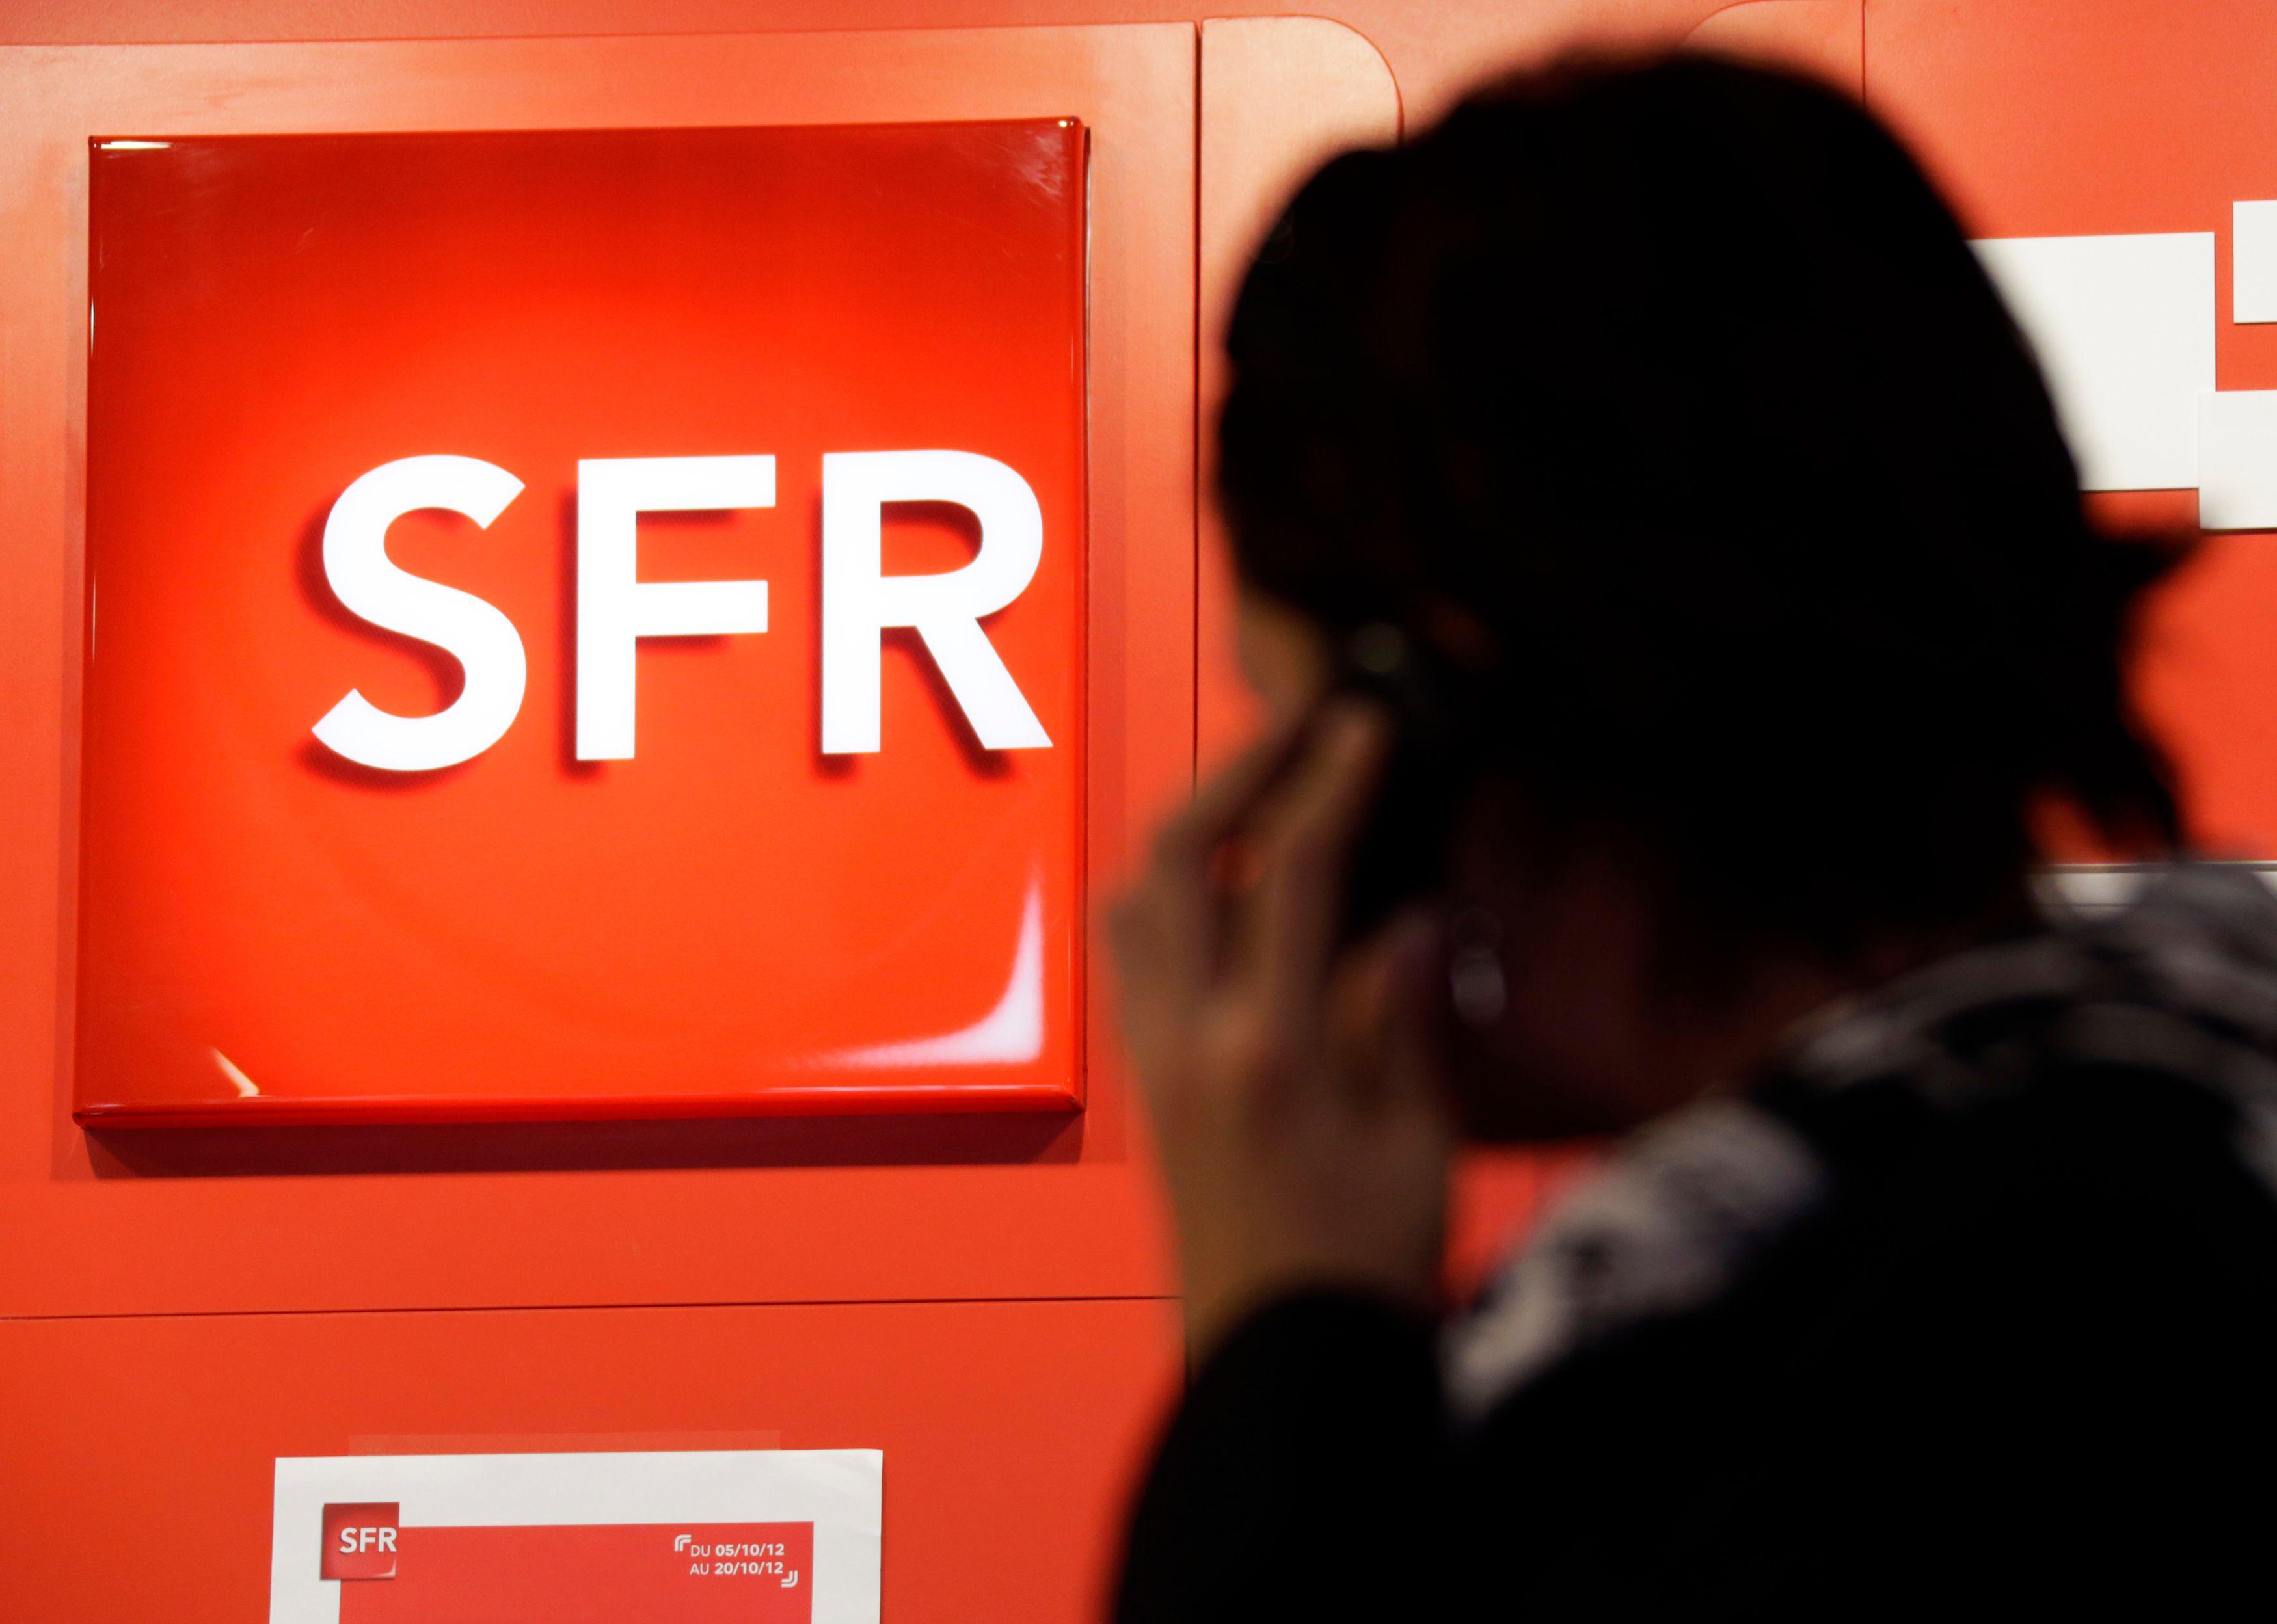 Les multiples rebondissements du rachat de SFR n'en finissent pas d'alimenter un certain ras-le-bol des pratiques du monde des affaires en France.